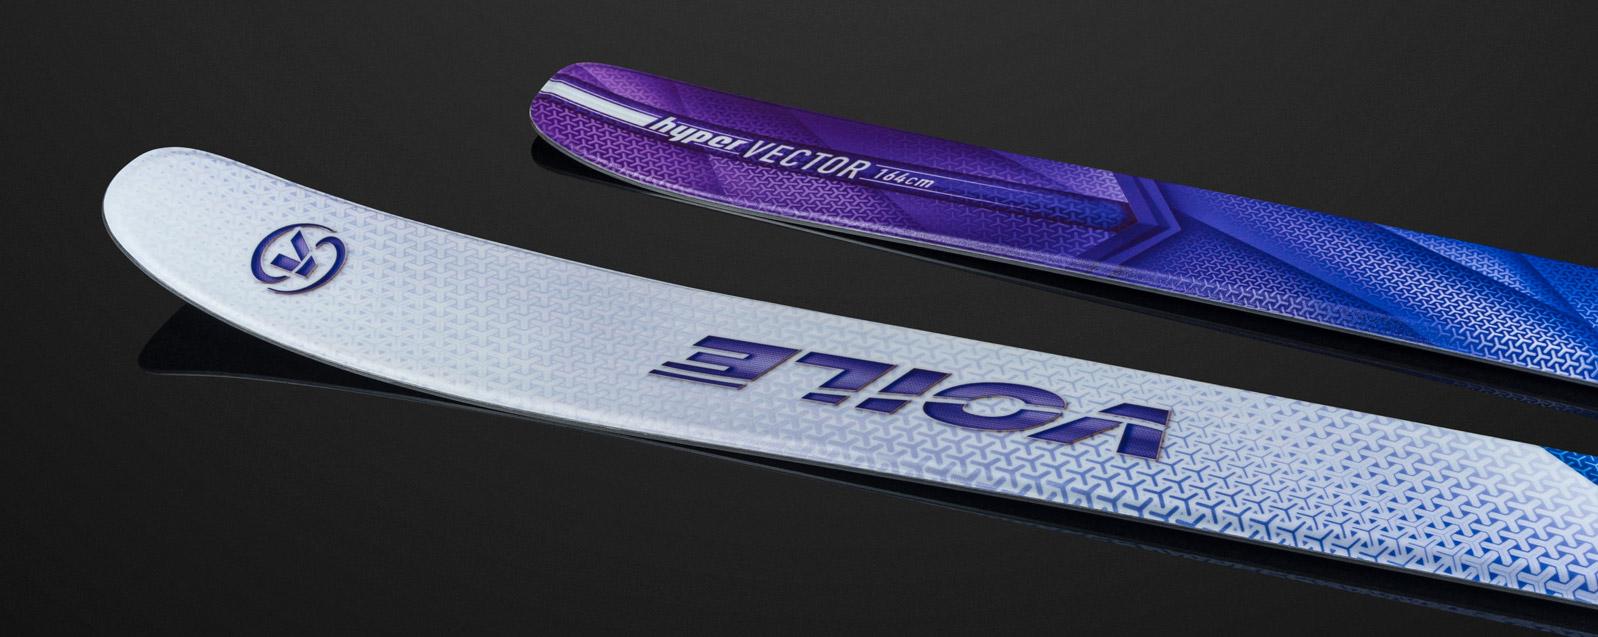 Voile Women's HyperVector Skis